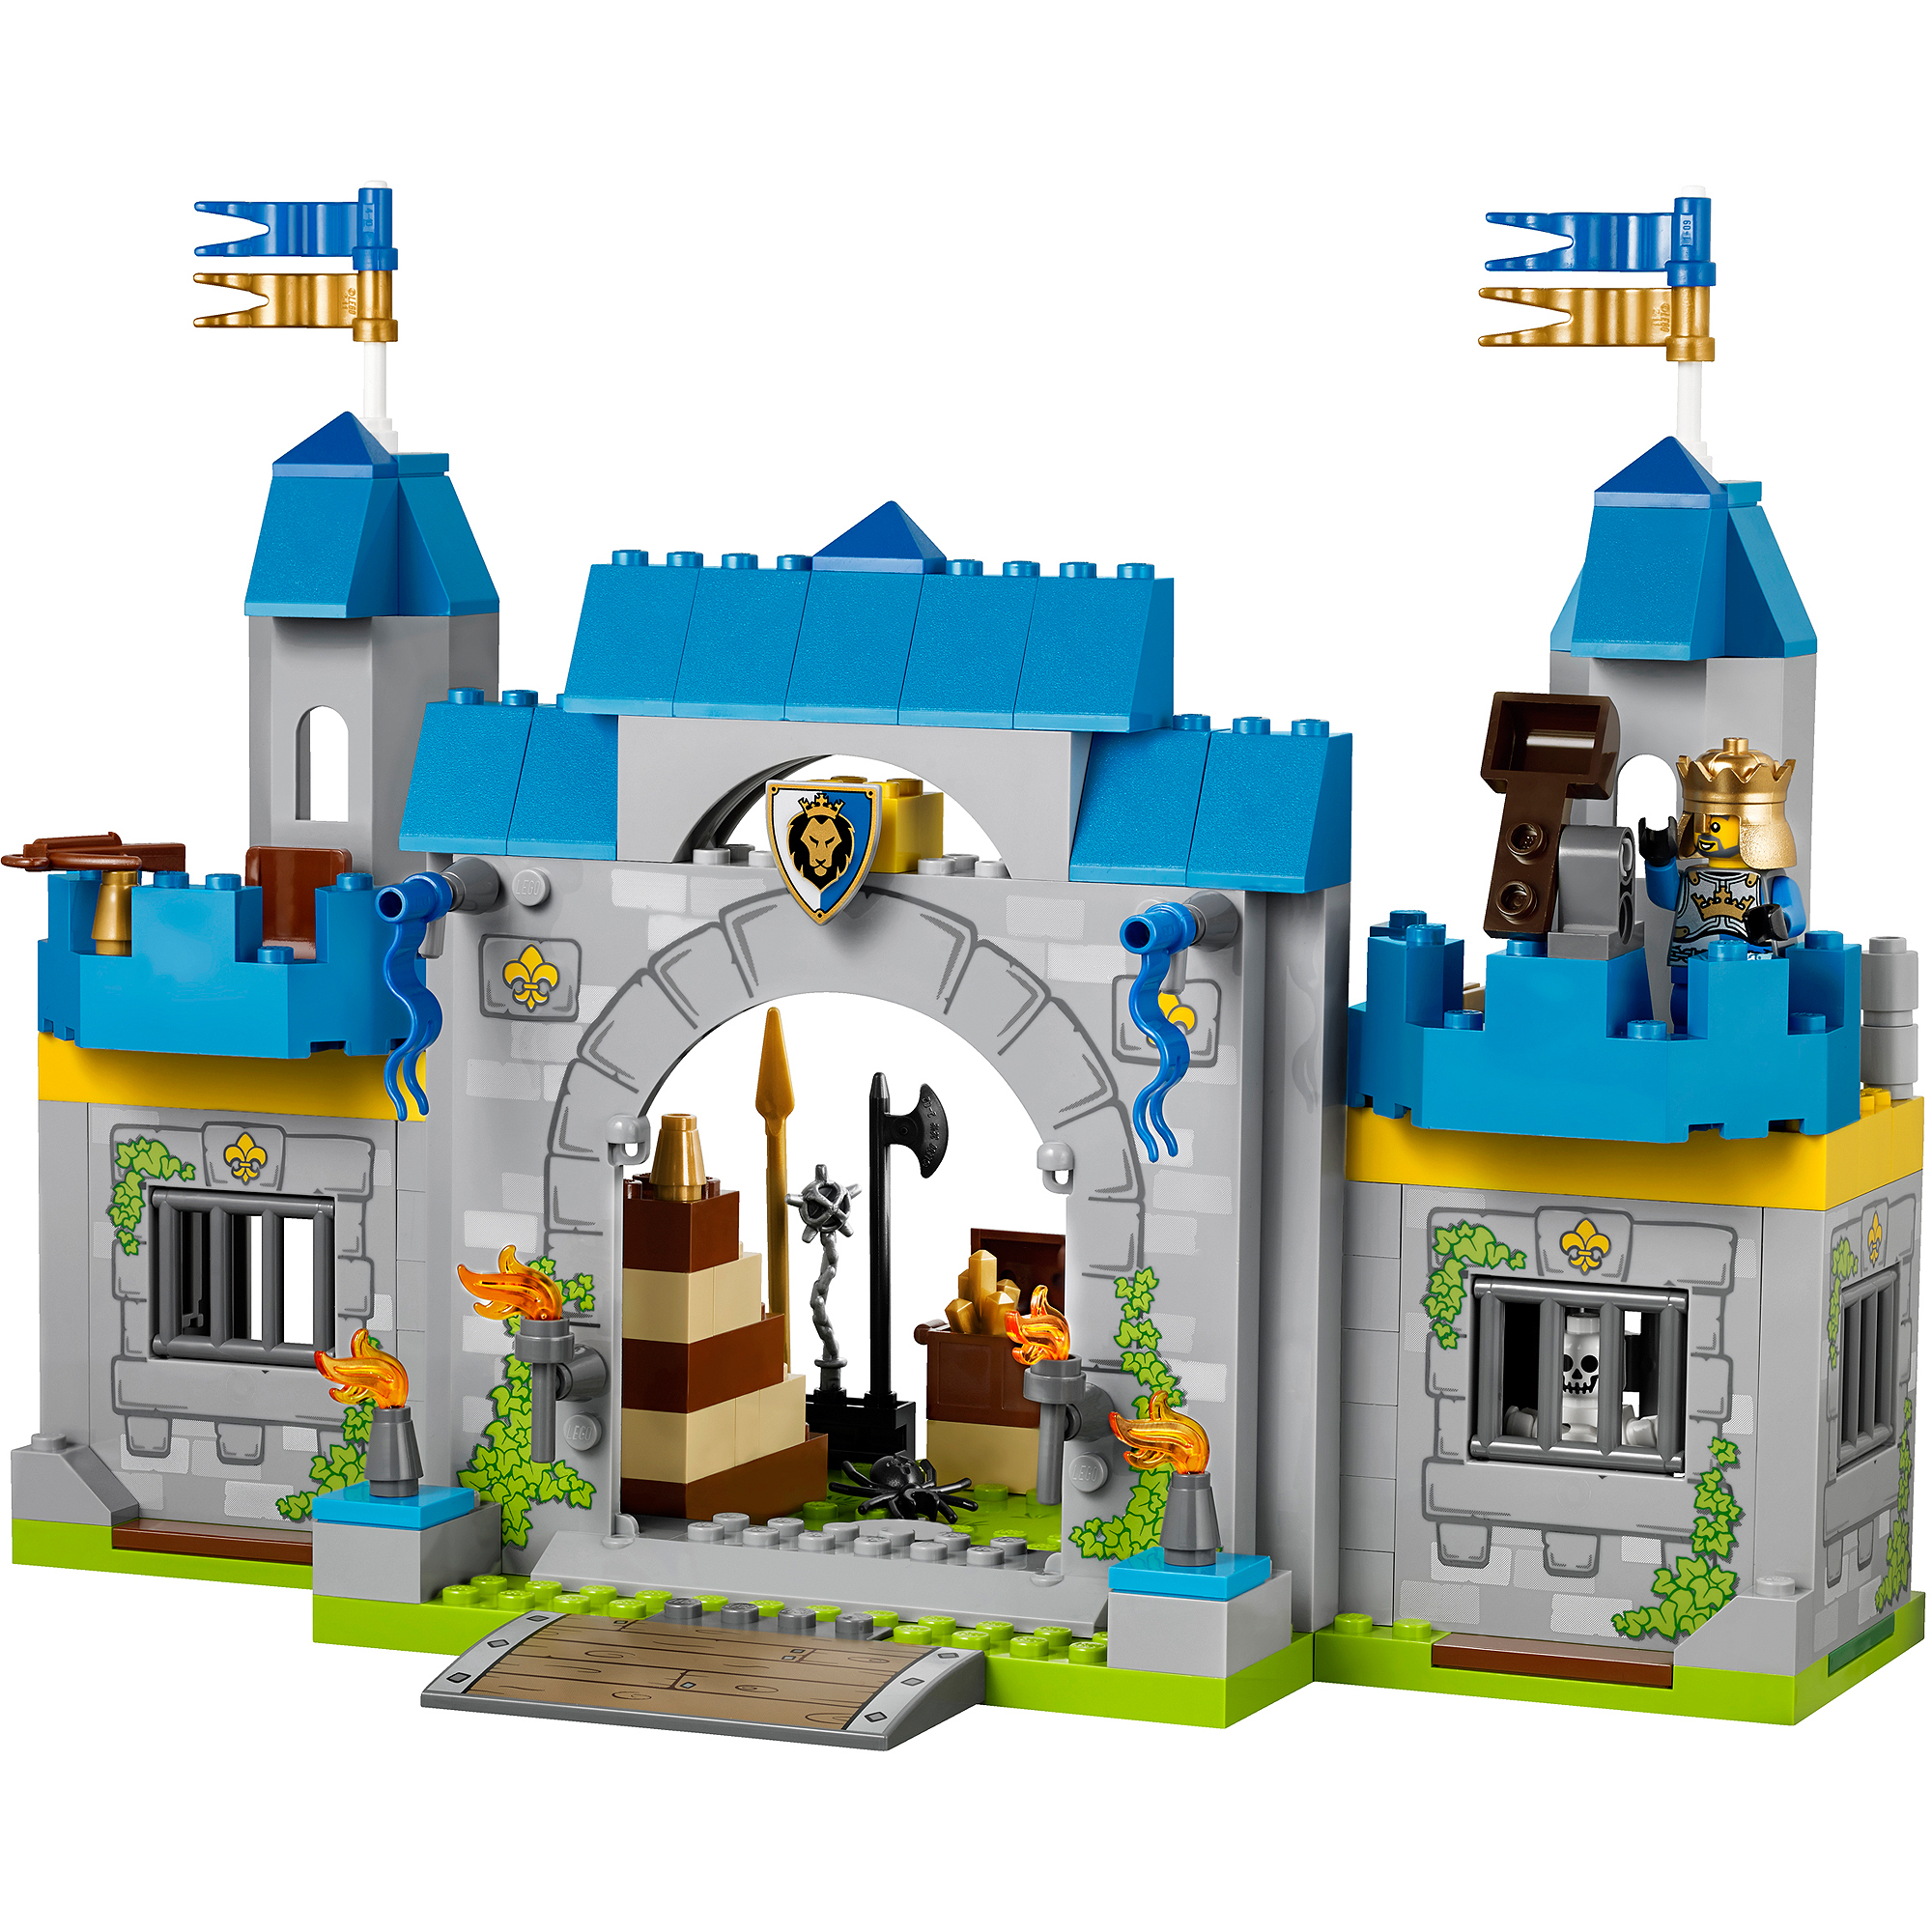 LEGO Juniors Knights' Castle - Walmart.com